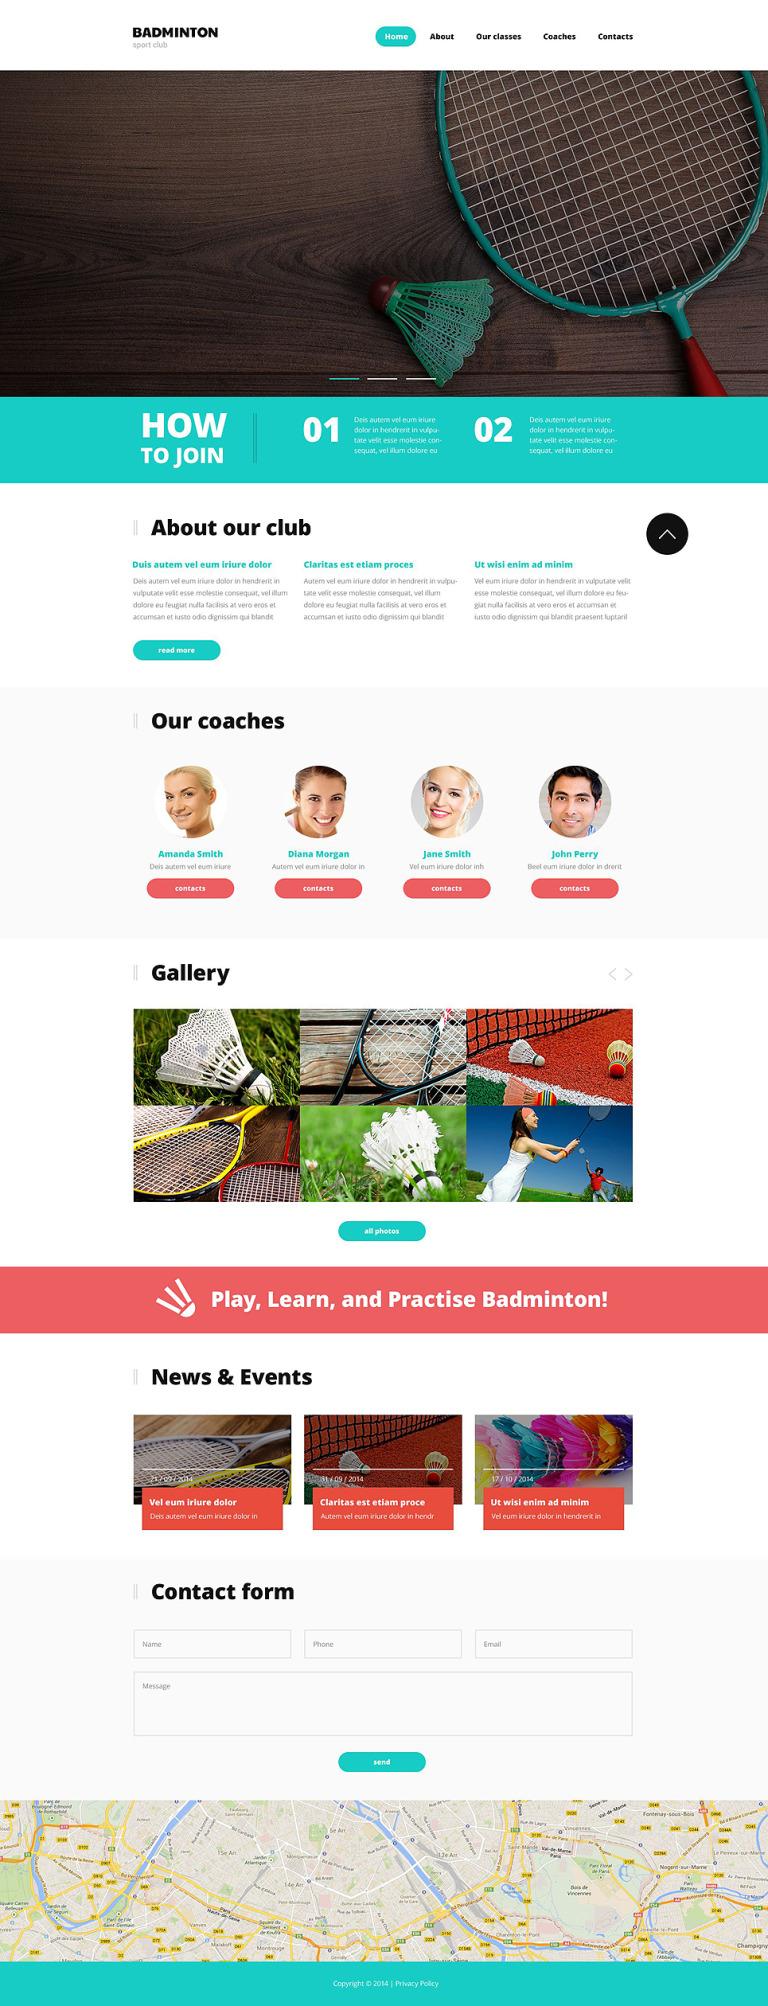 Badminton Responsive Website Template New Screenshots BIG